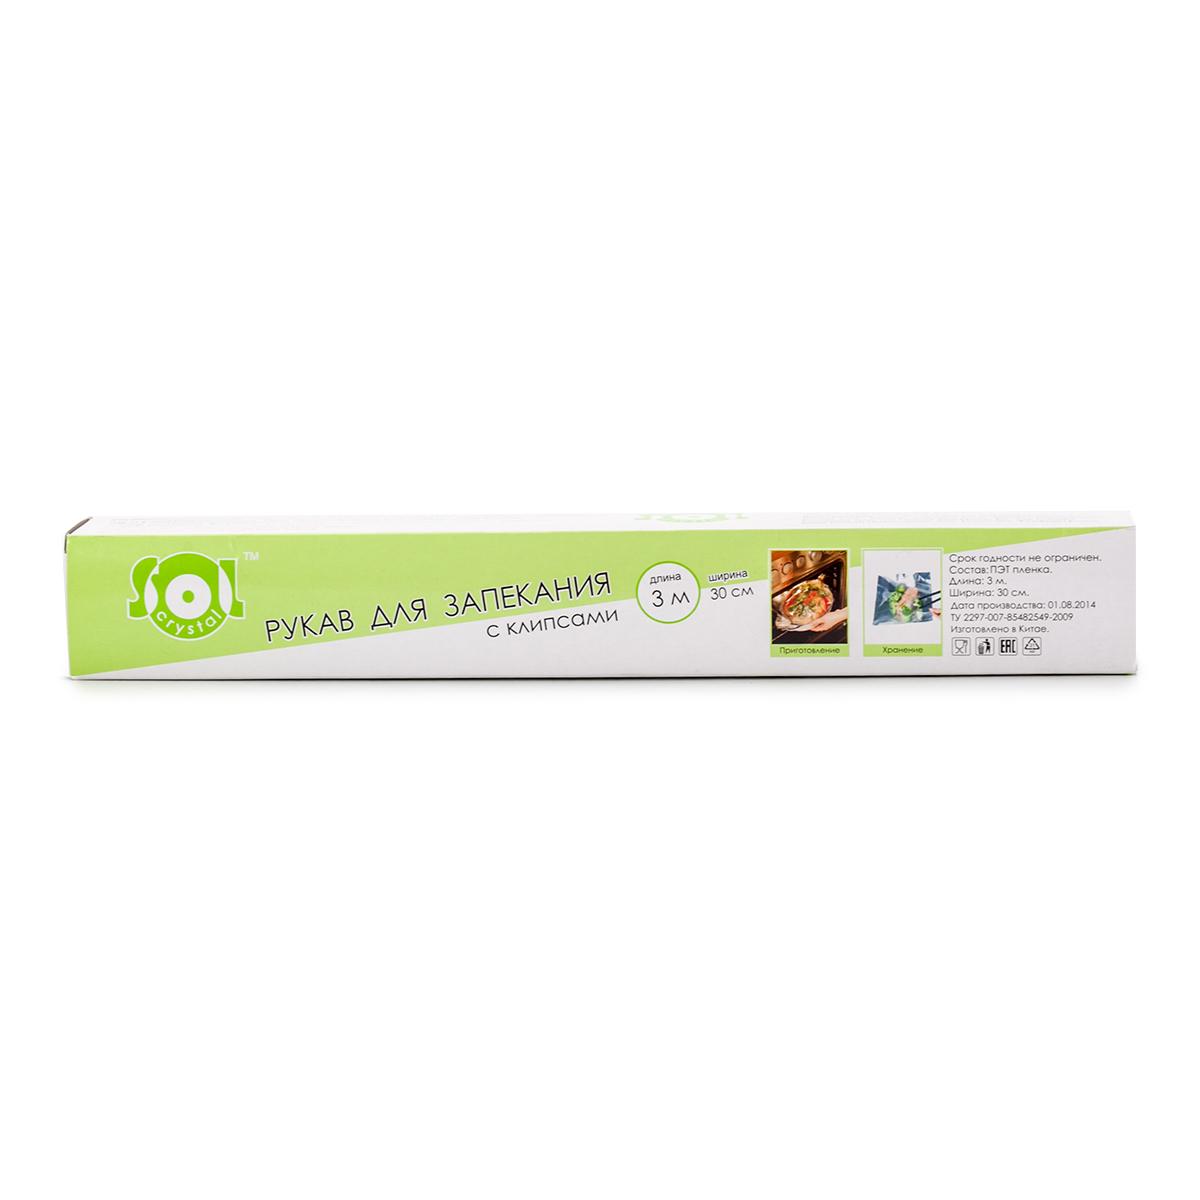 Рукав для запекания Sol Crystal, с клипсами, 3 м30001Универсальный рукав Sol Crystal, выполненный из нетоксичной ПЭТ-пленки, отлично подойдет для приготовления низкокалорийных блюд как в духовке, так и в микроволновой печи. После использования рукава, противень и духовой шкаф остаются чистыми. При приготовлении в продуктах сохраняются витамины и микроэлементы. Возможно приготовление без добавления жиров. Не использовать при температуре выше 200 градусов. Длина: 3 м. Ширина: 30 см.